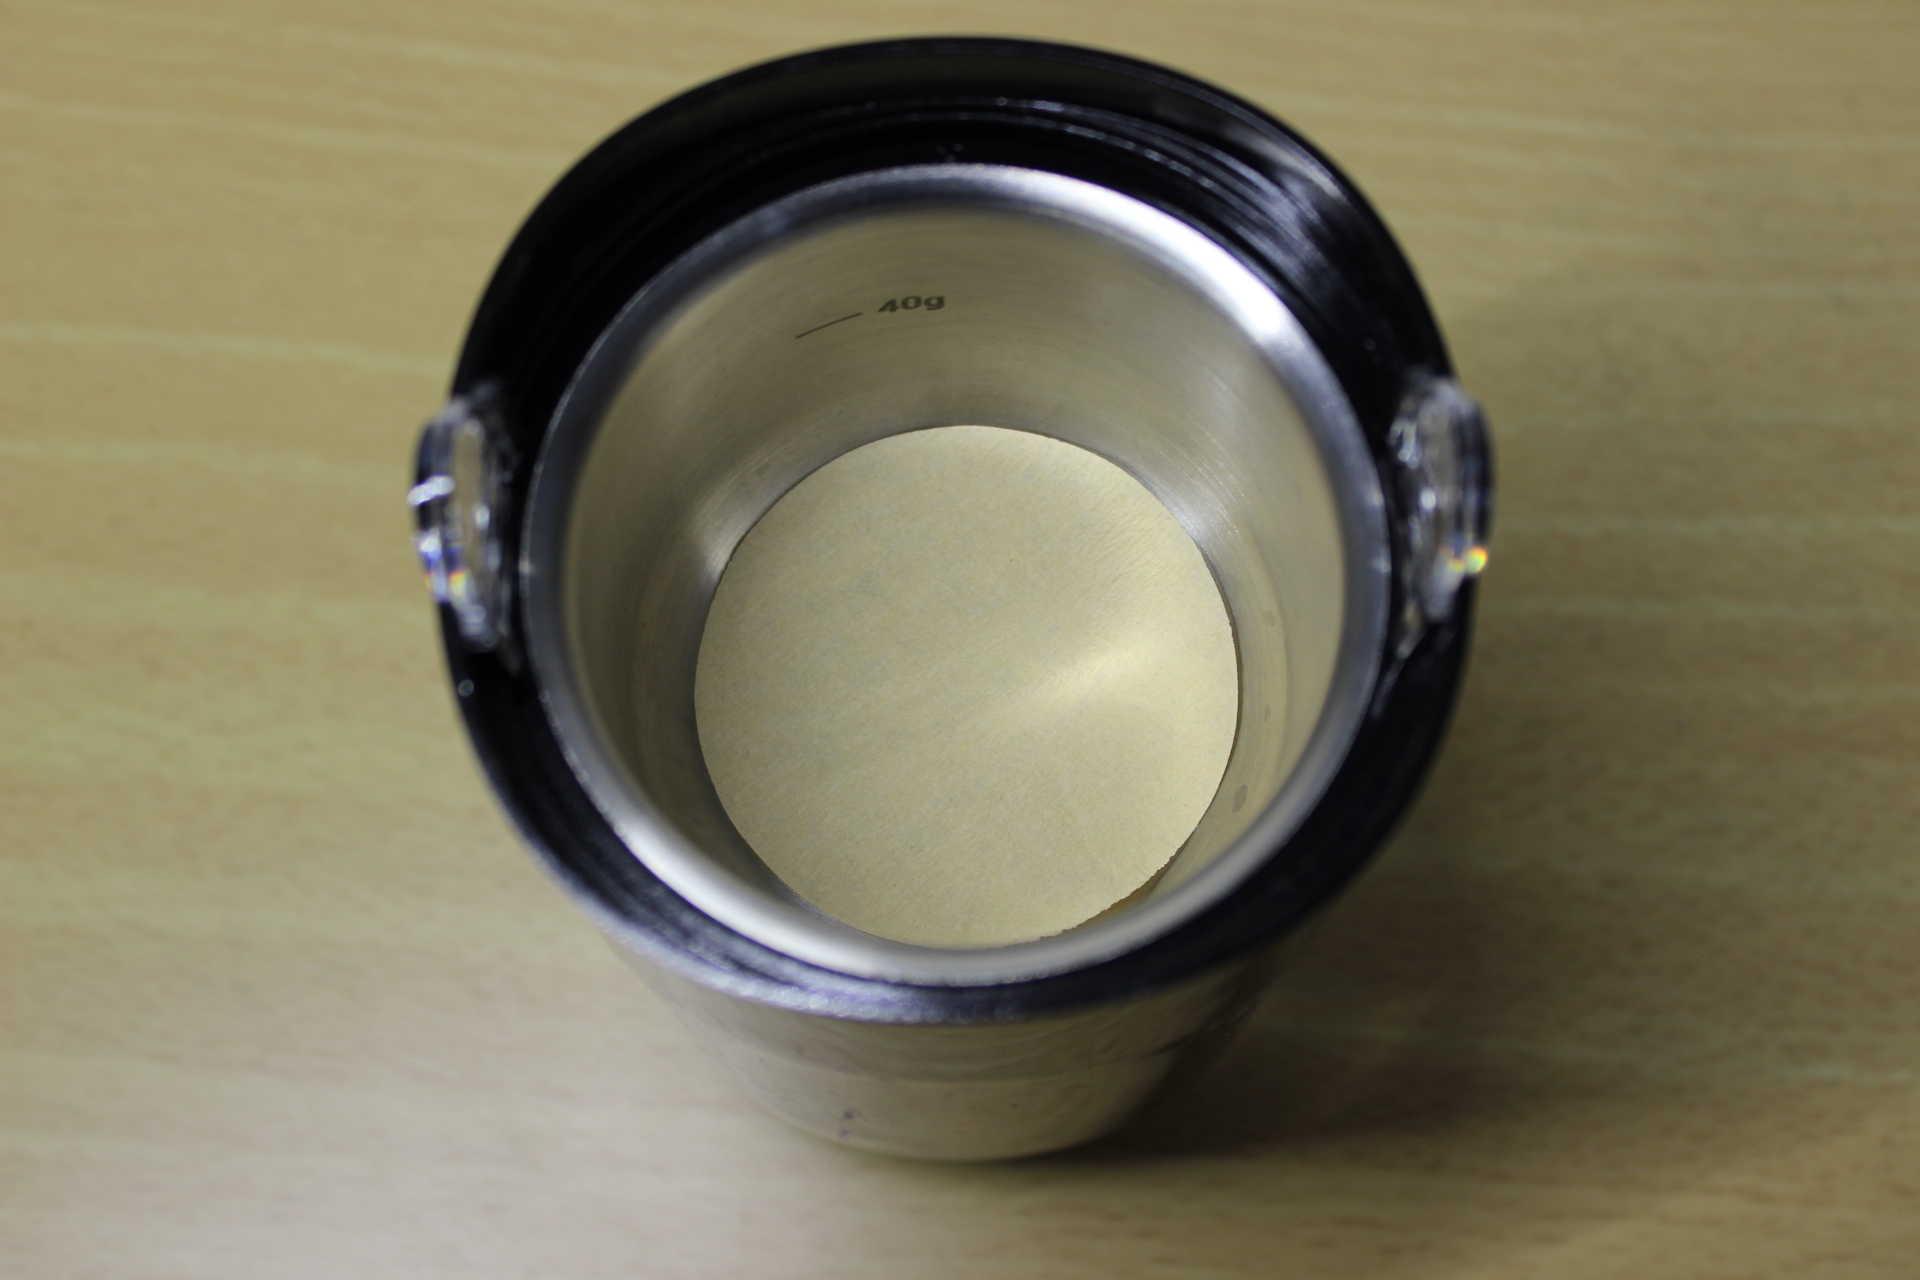 コールドブリューが作れるWiswell Water Dripperのコーヒーバスケットにセットしたフィルター